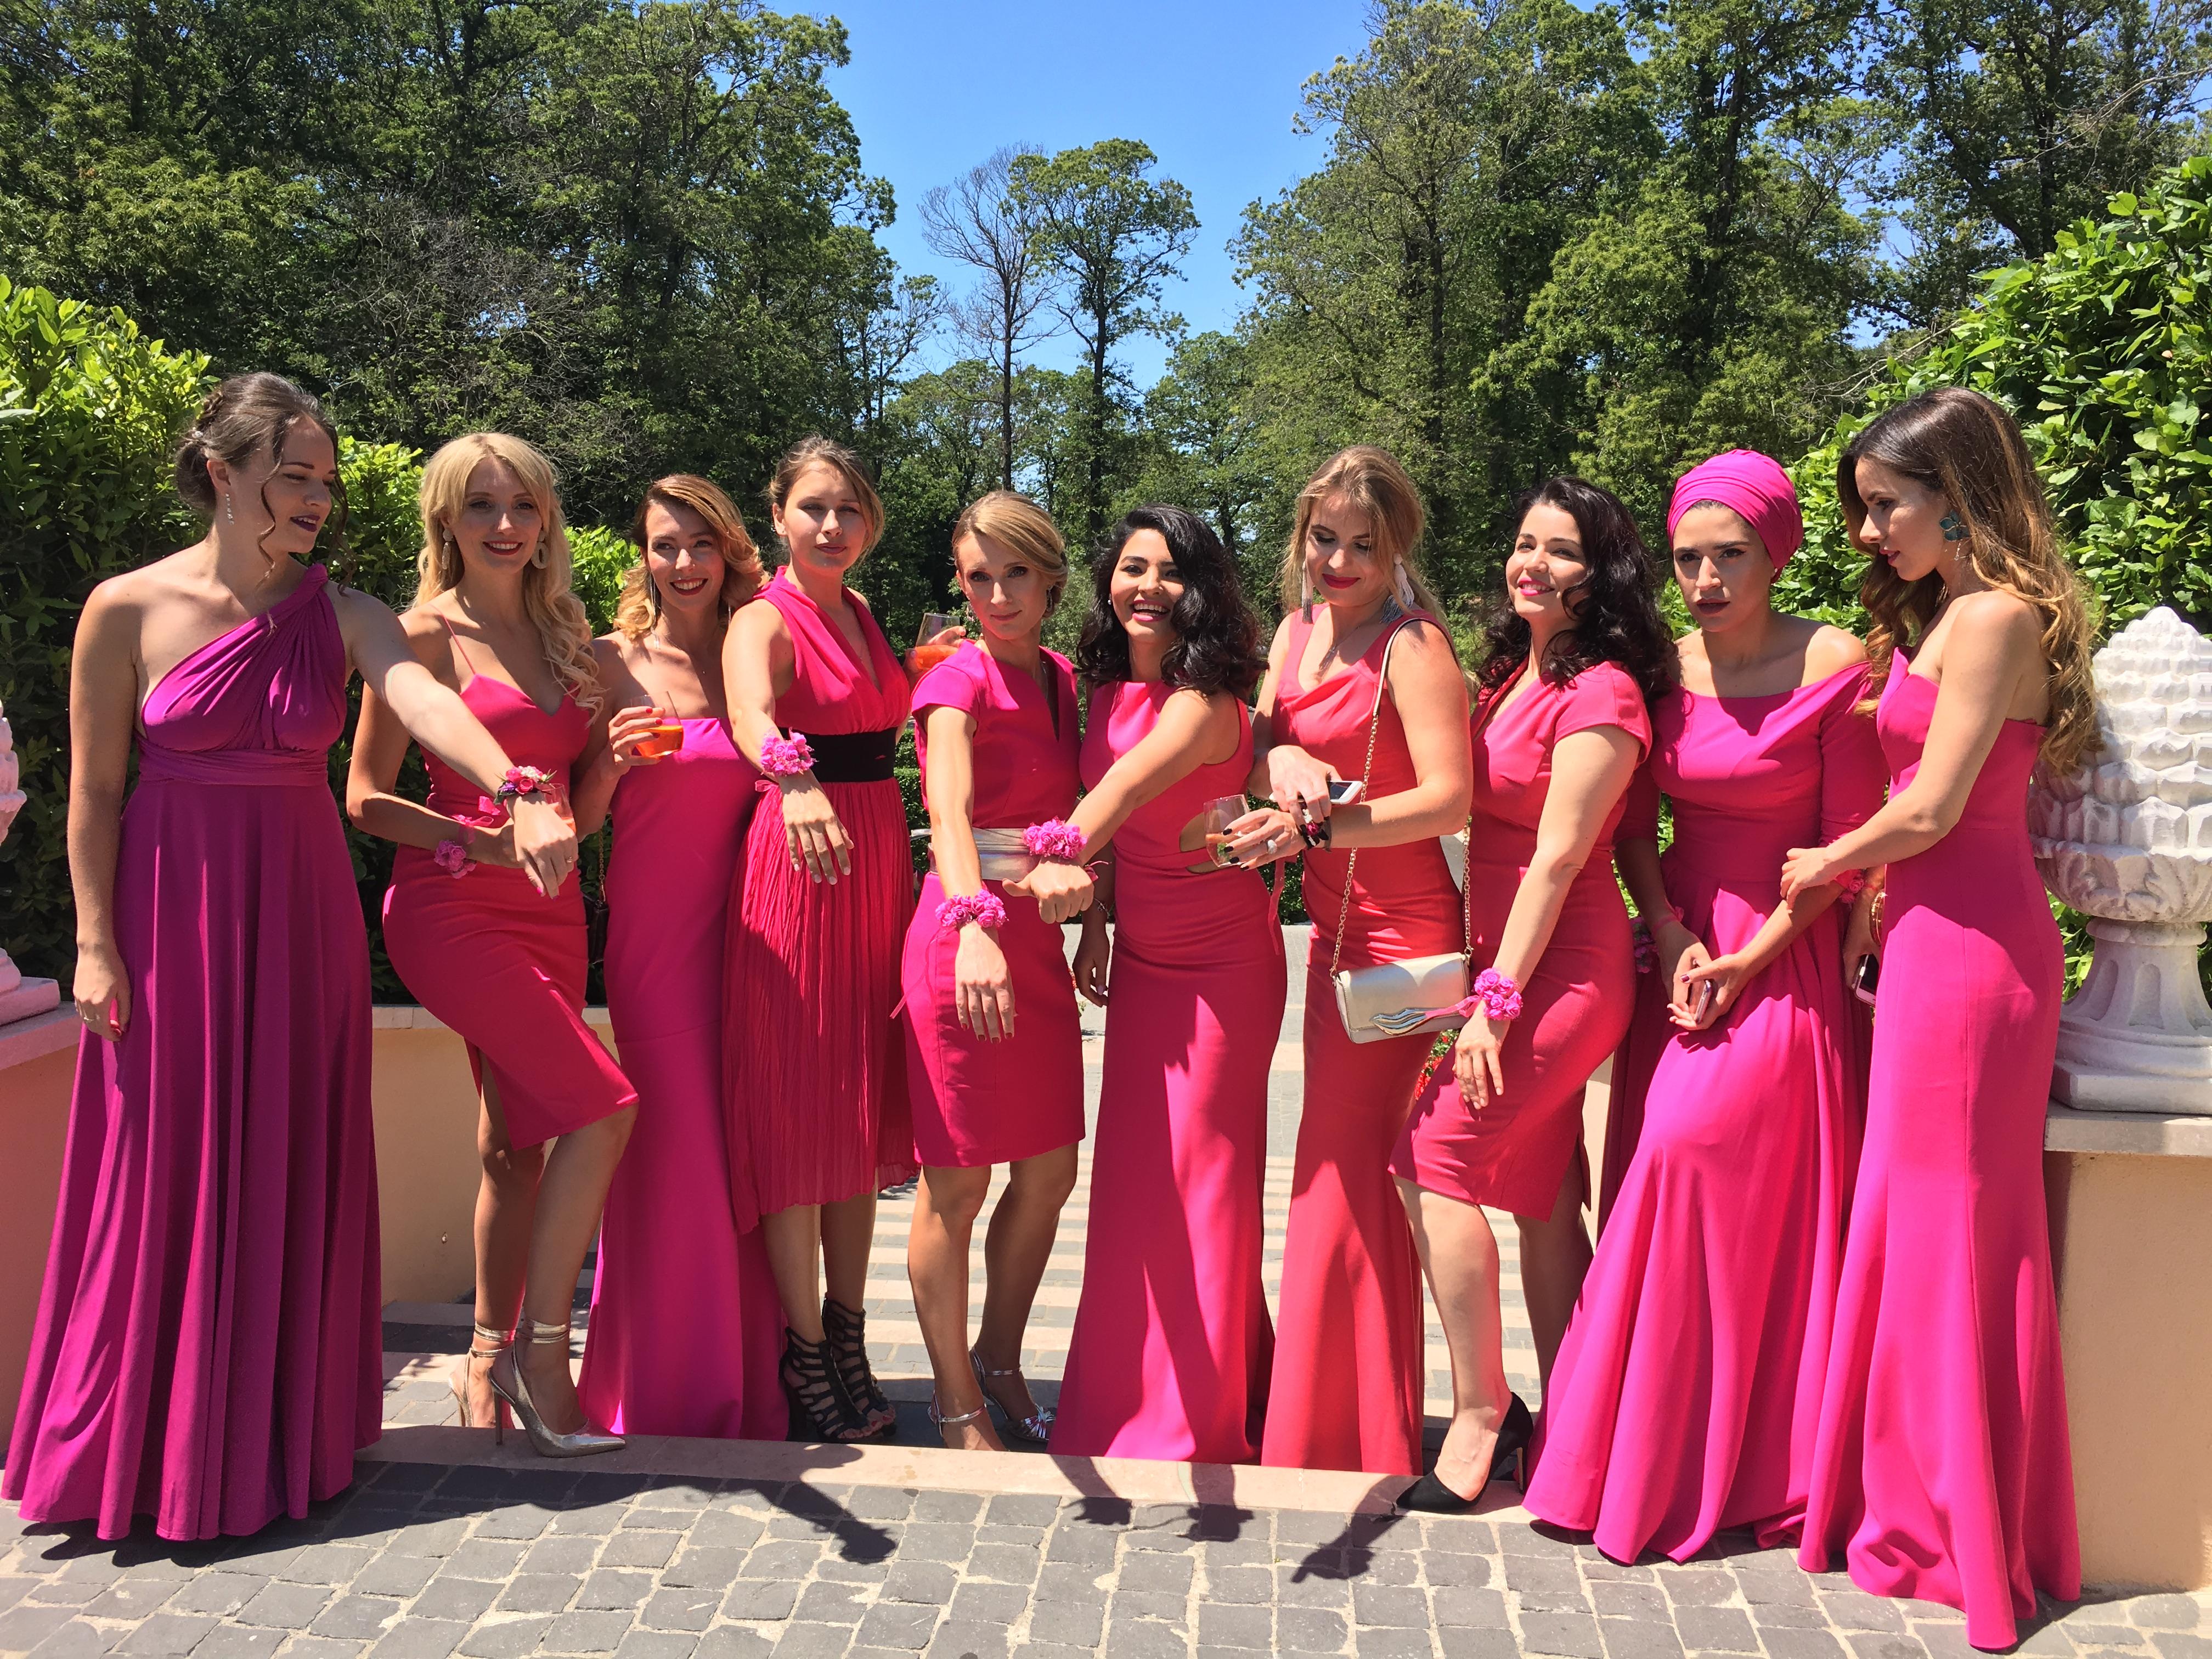 Фото 17 свадьба в Италии на вилле | Кристина и Кристиан | ведущая на итальянском языке - Катрин Моро